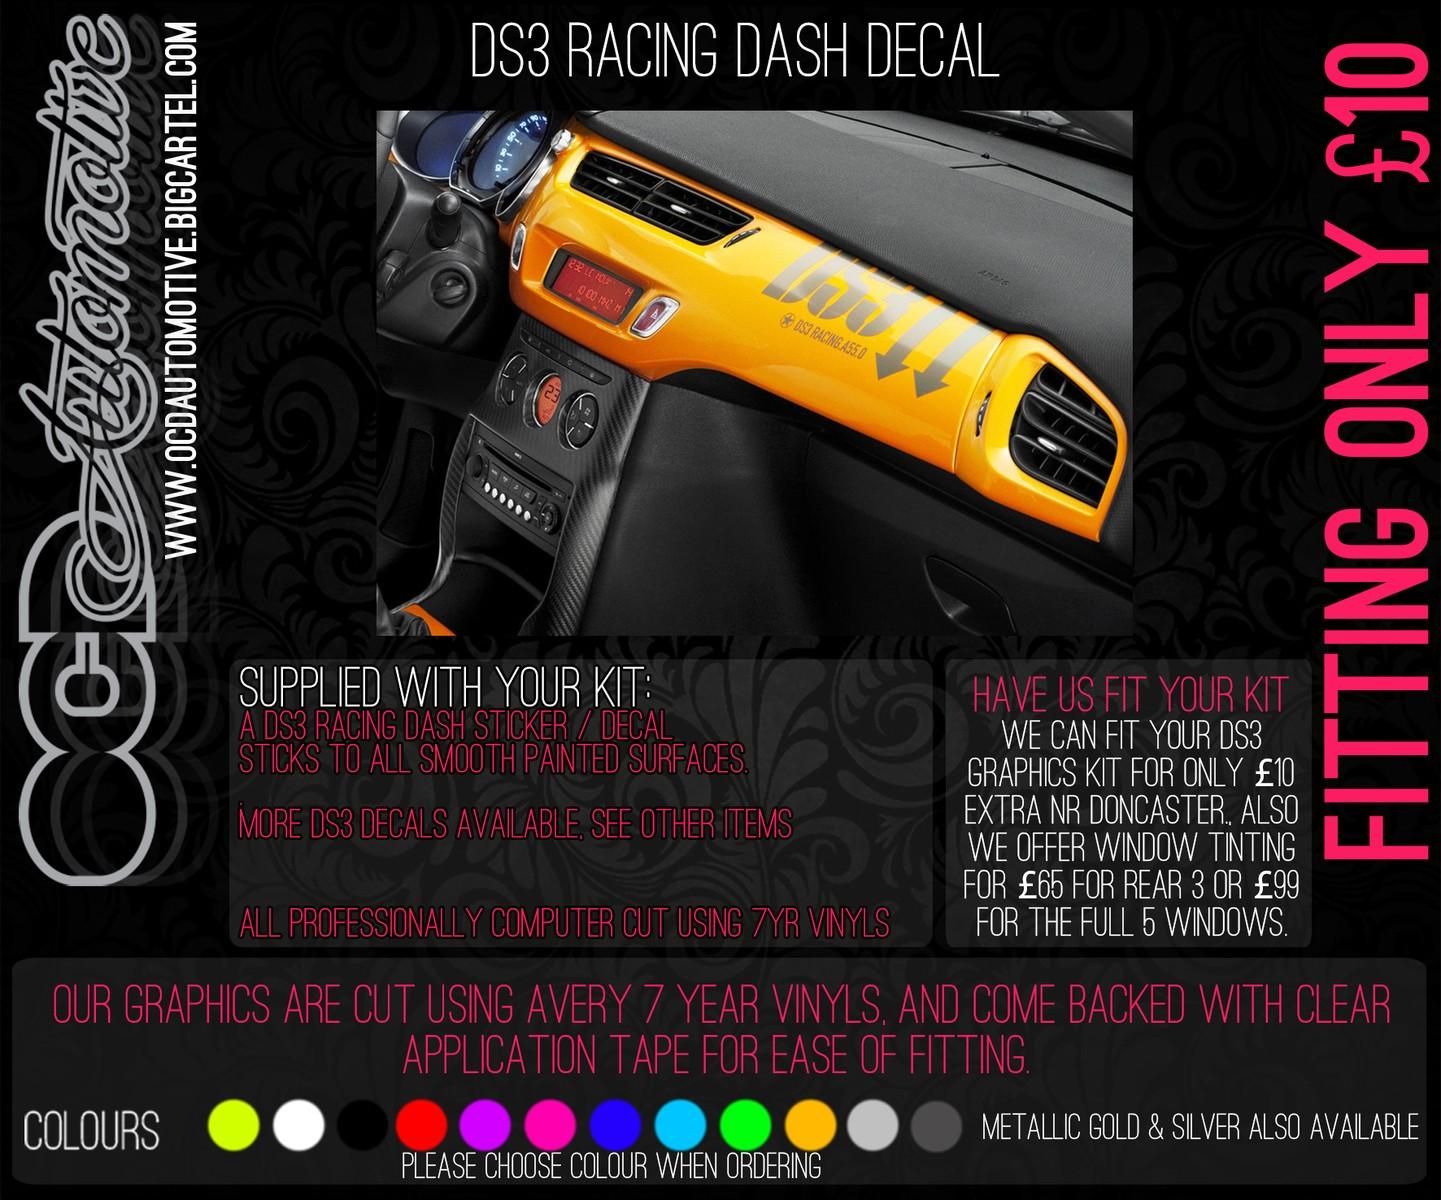 citroen c3 ds3 course tableau de bord stickers graphique kit rally autocollant ebay. Black Bedroom Furniture Sets. Home Design Ideas